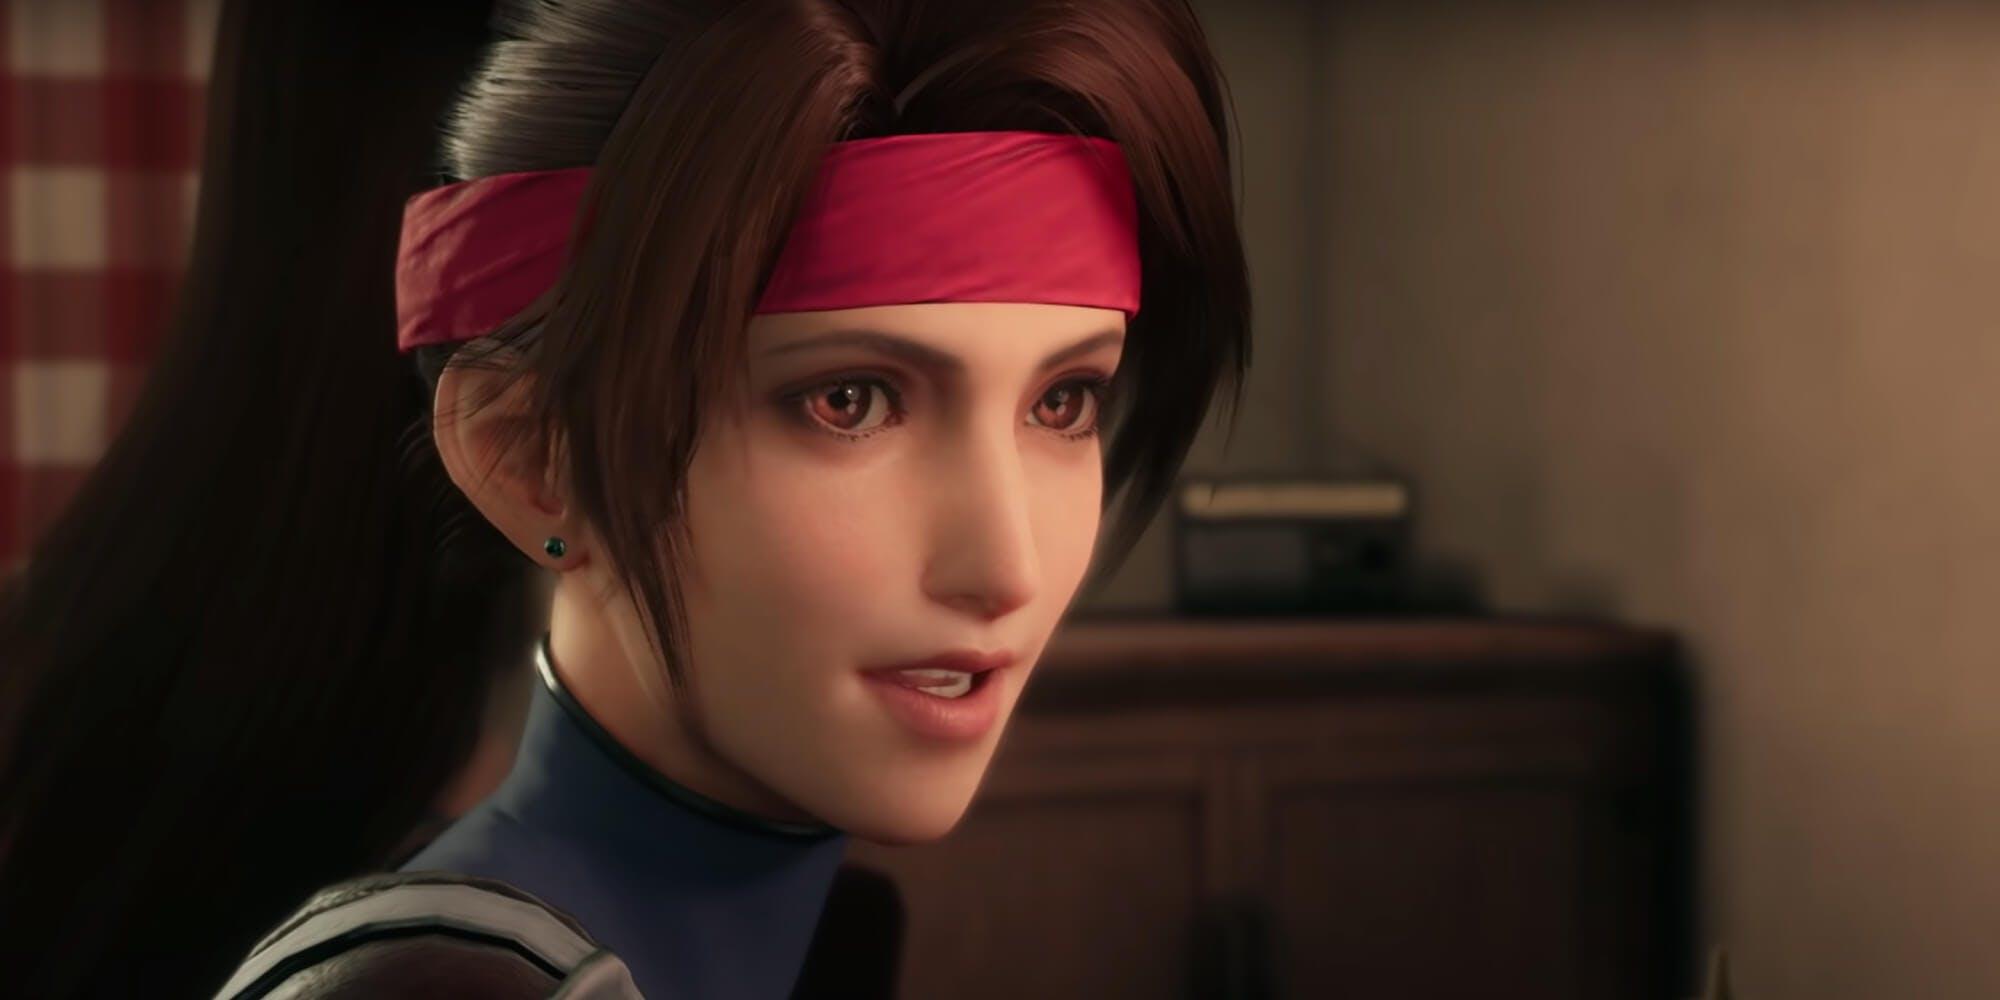 Final Fantasy VII Remake - Jessie